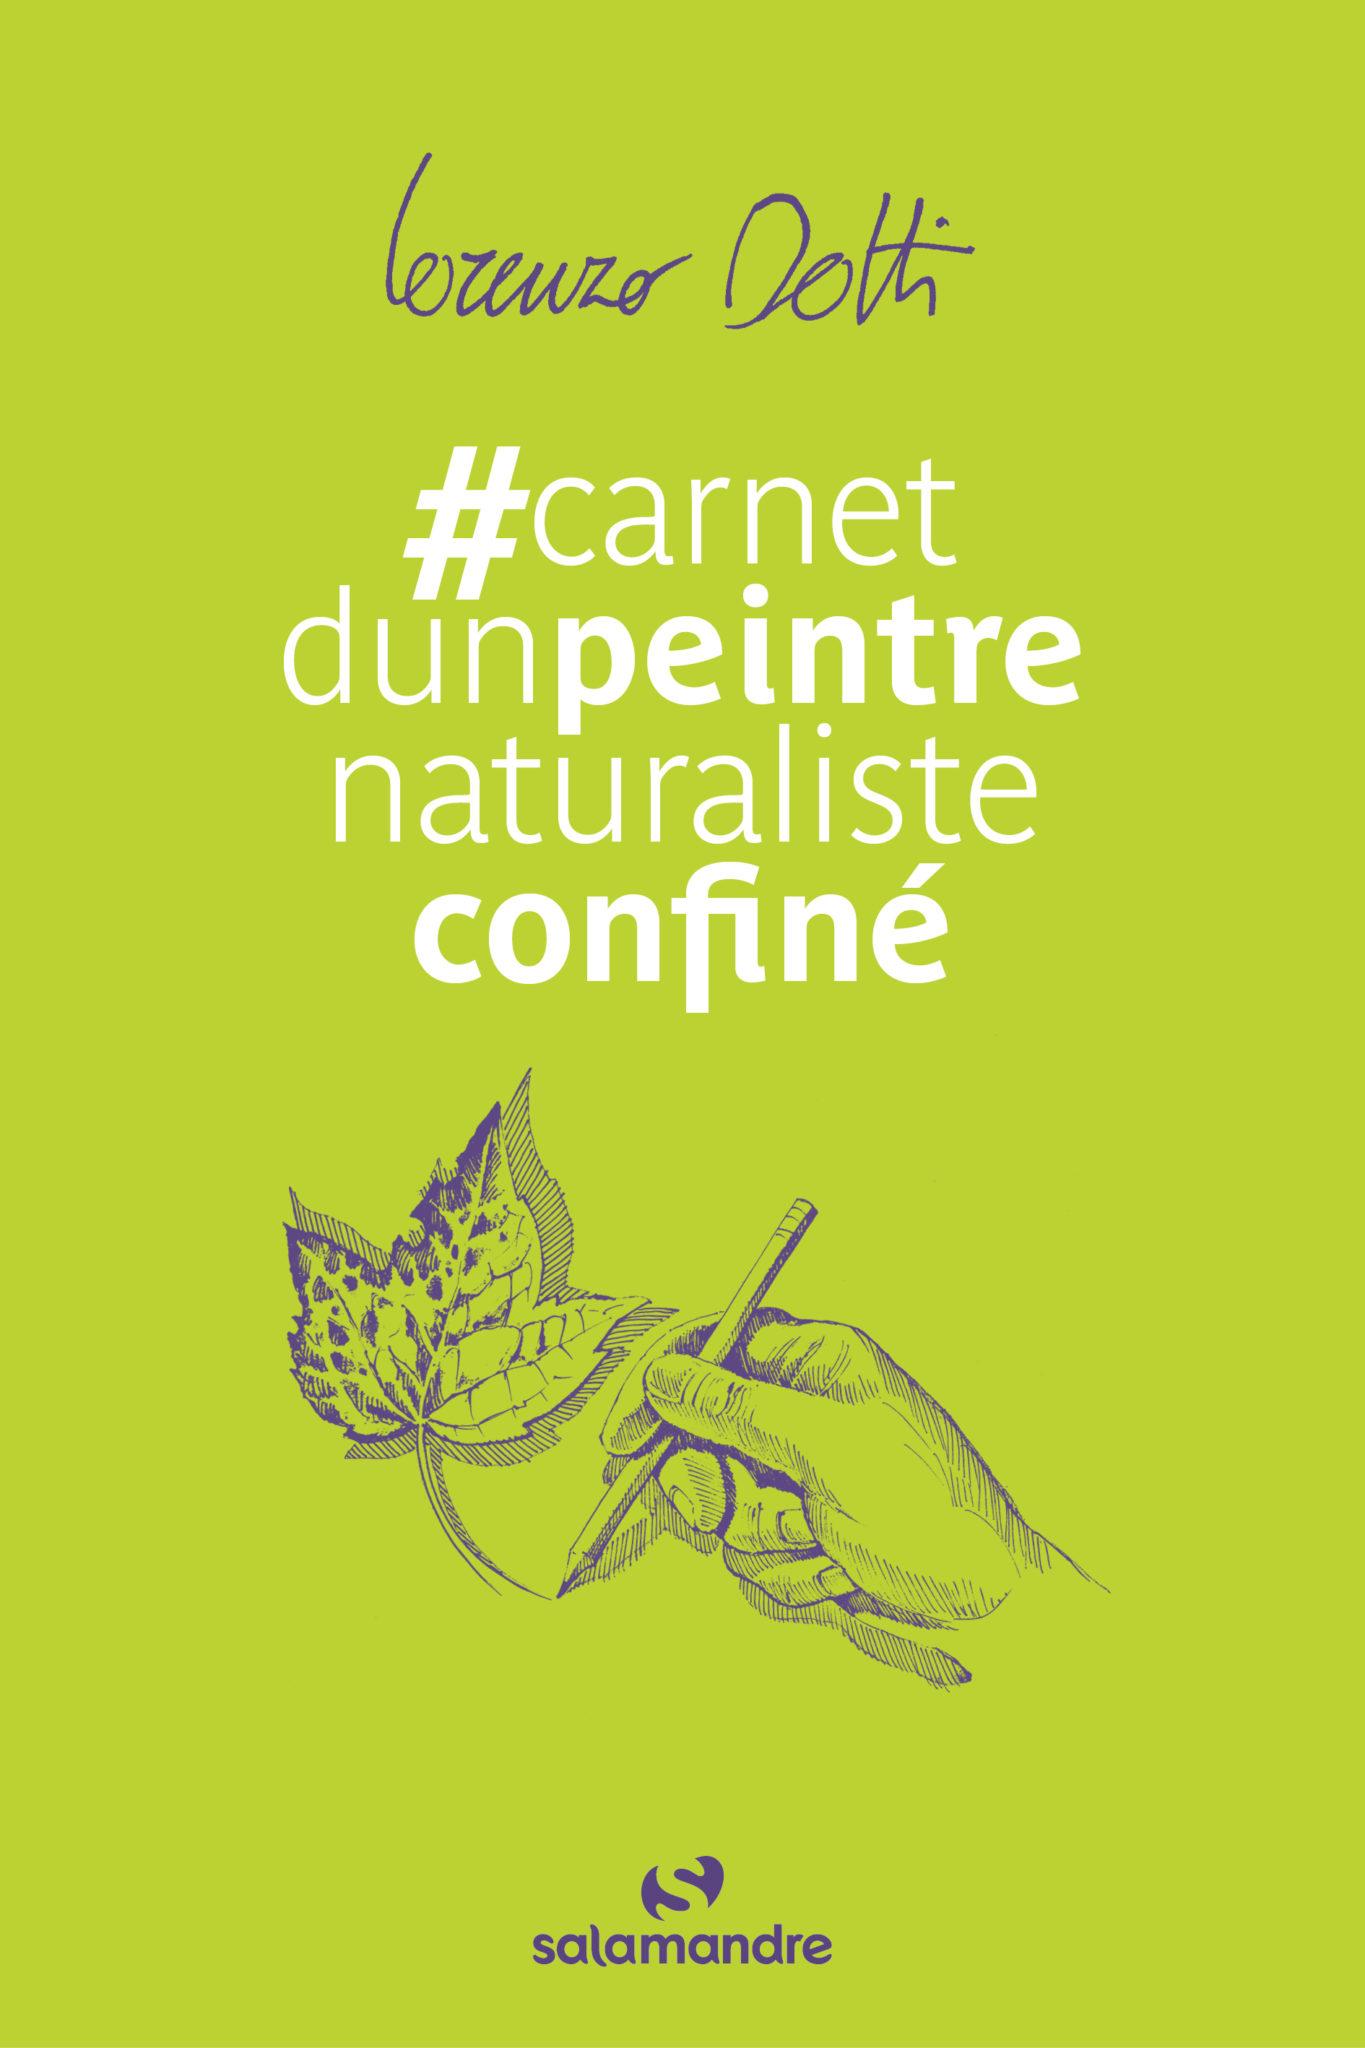 #carnet d'un peintre naturaliste confiné